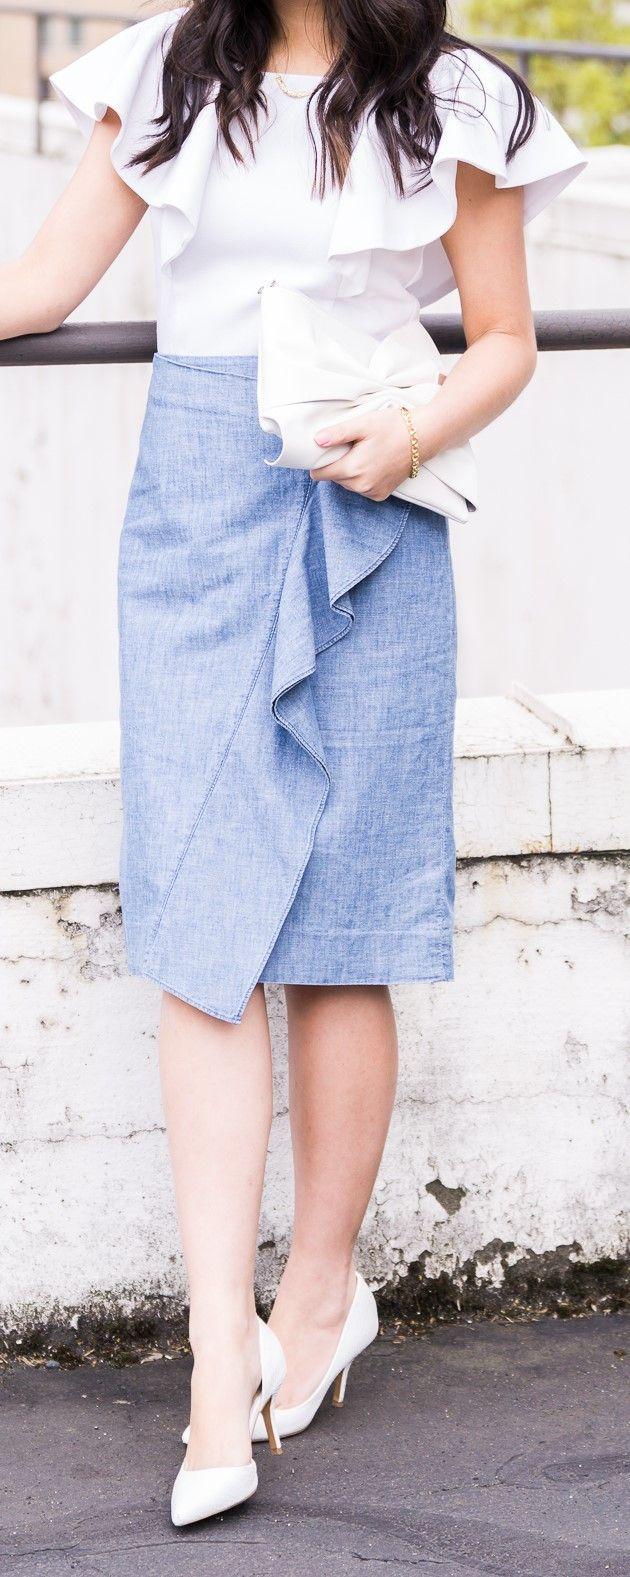 Chambray ruffle skirt, ruffle top, JTV.com dainty gold jewelry, petite fashion blog #ad #JTVBoldandGold